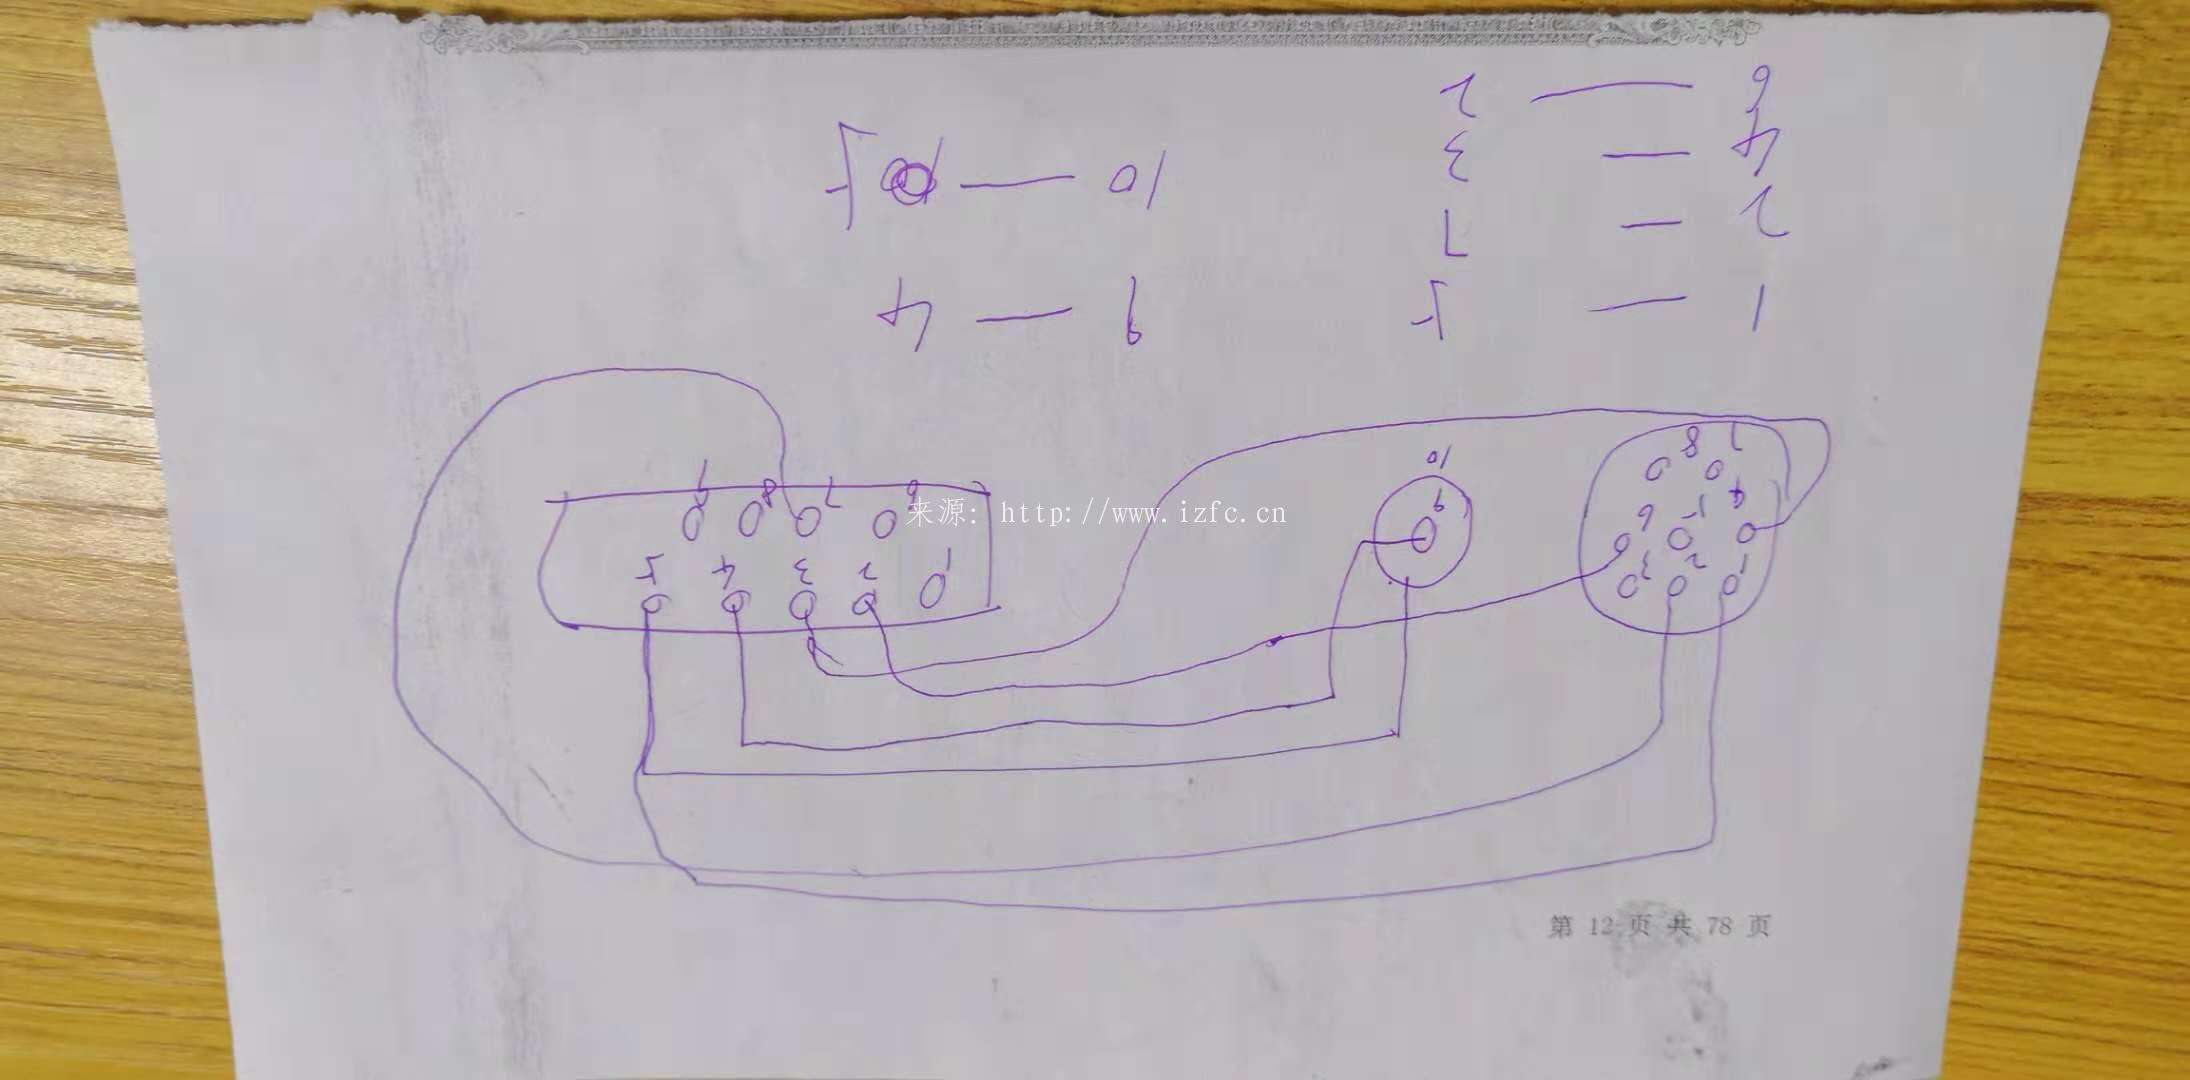 宝利通 视频会议系统终端 K80 摄像机主机连接线线序